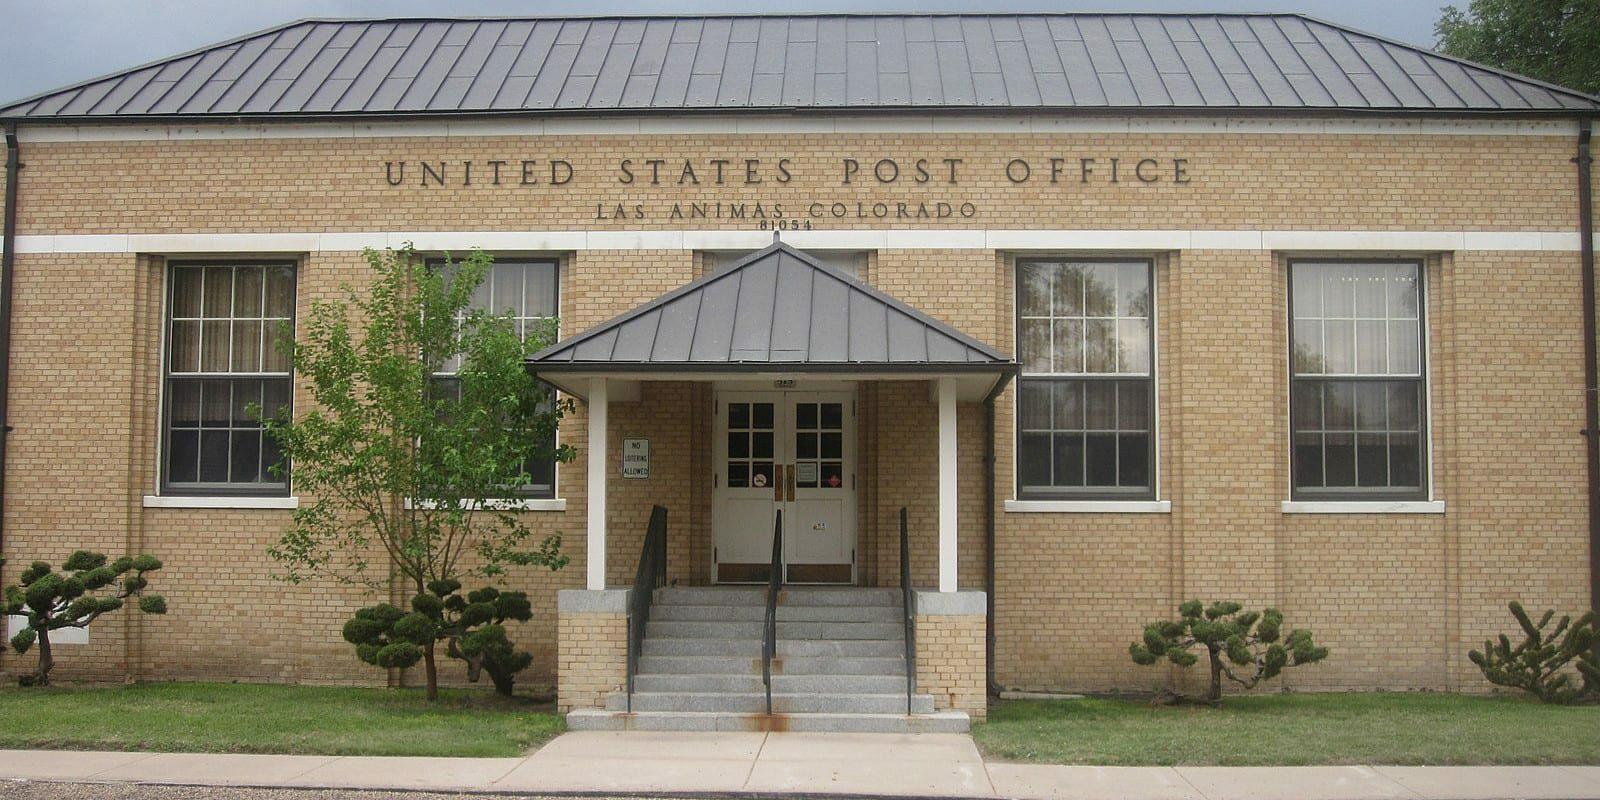 Las Animas Colorado Post Office